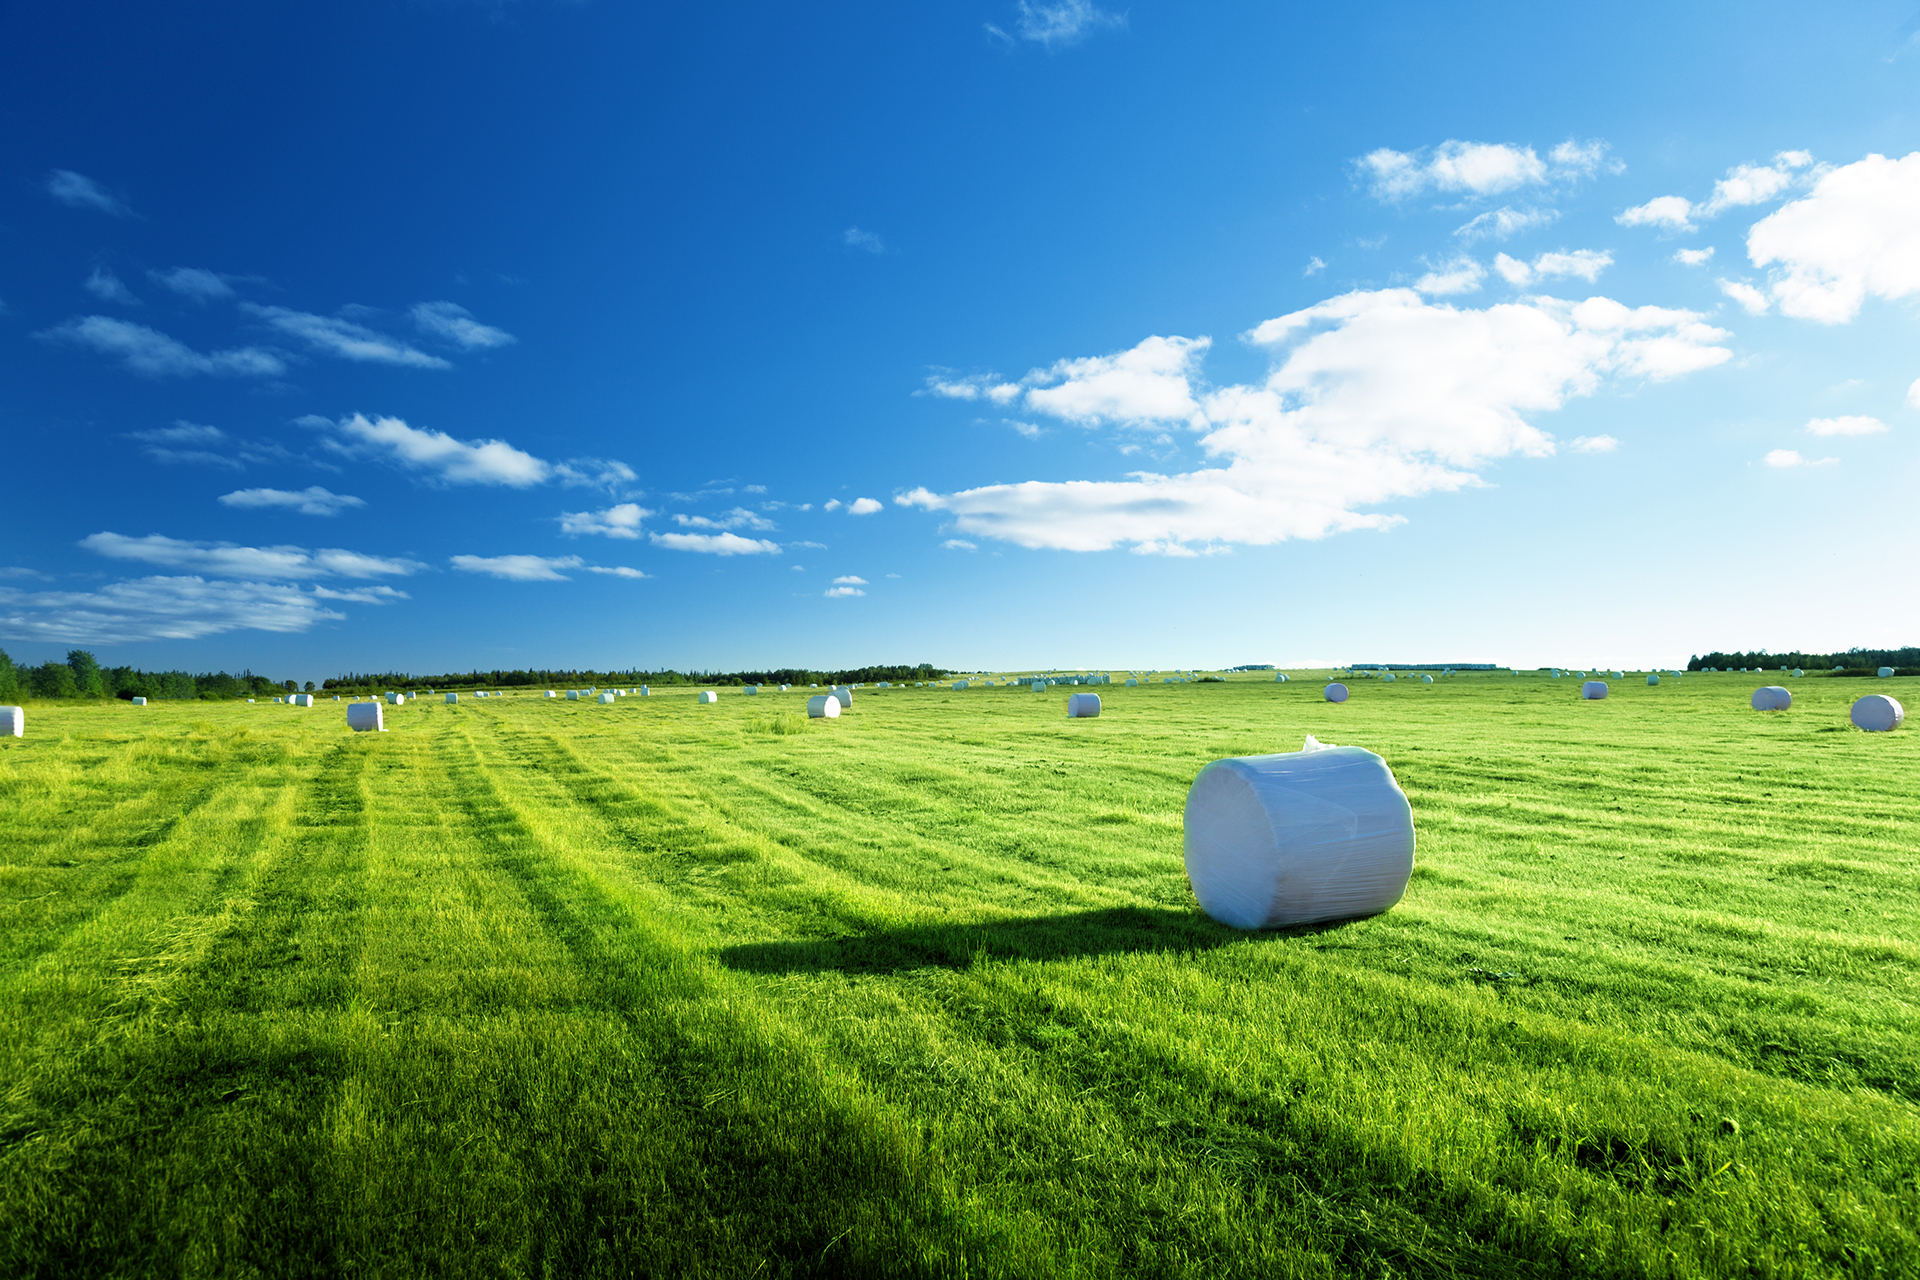 Specijaliziranim emisijama želimo doprinijeti razvoju ruralne Hrvatske